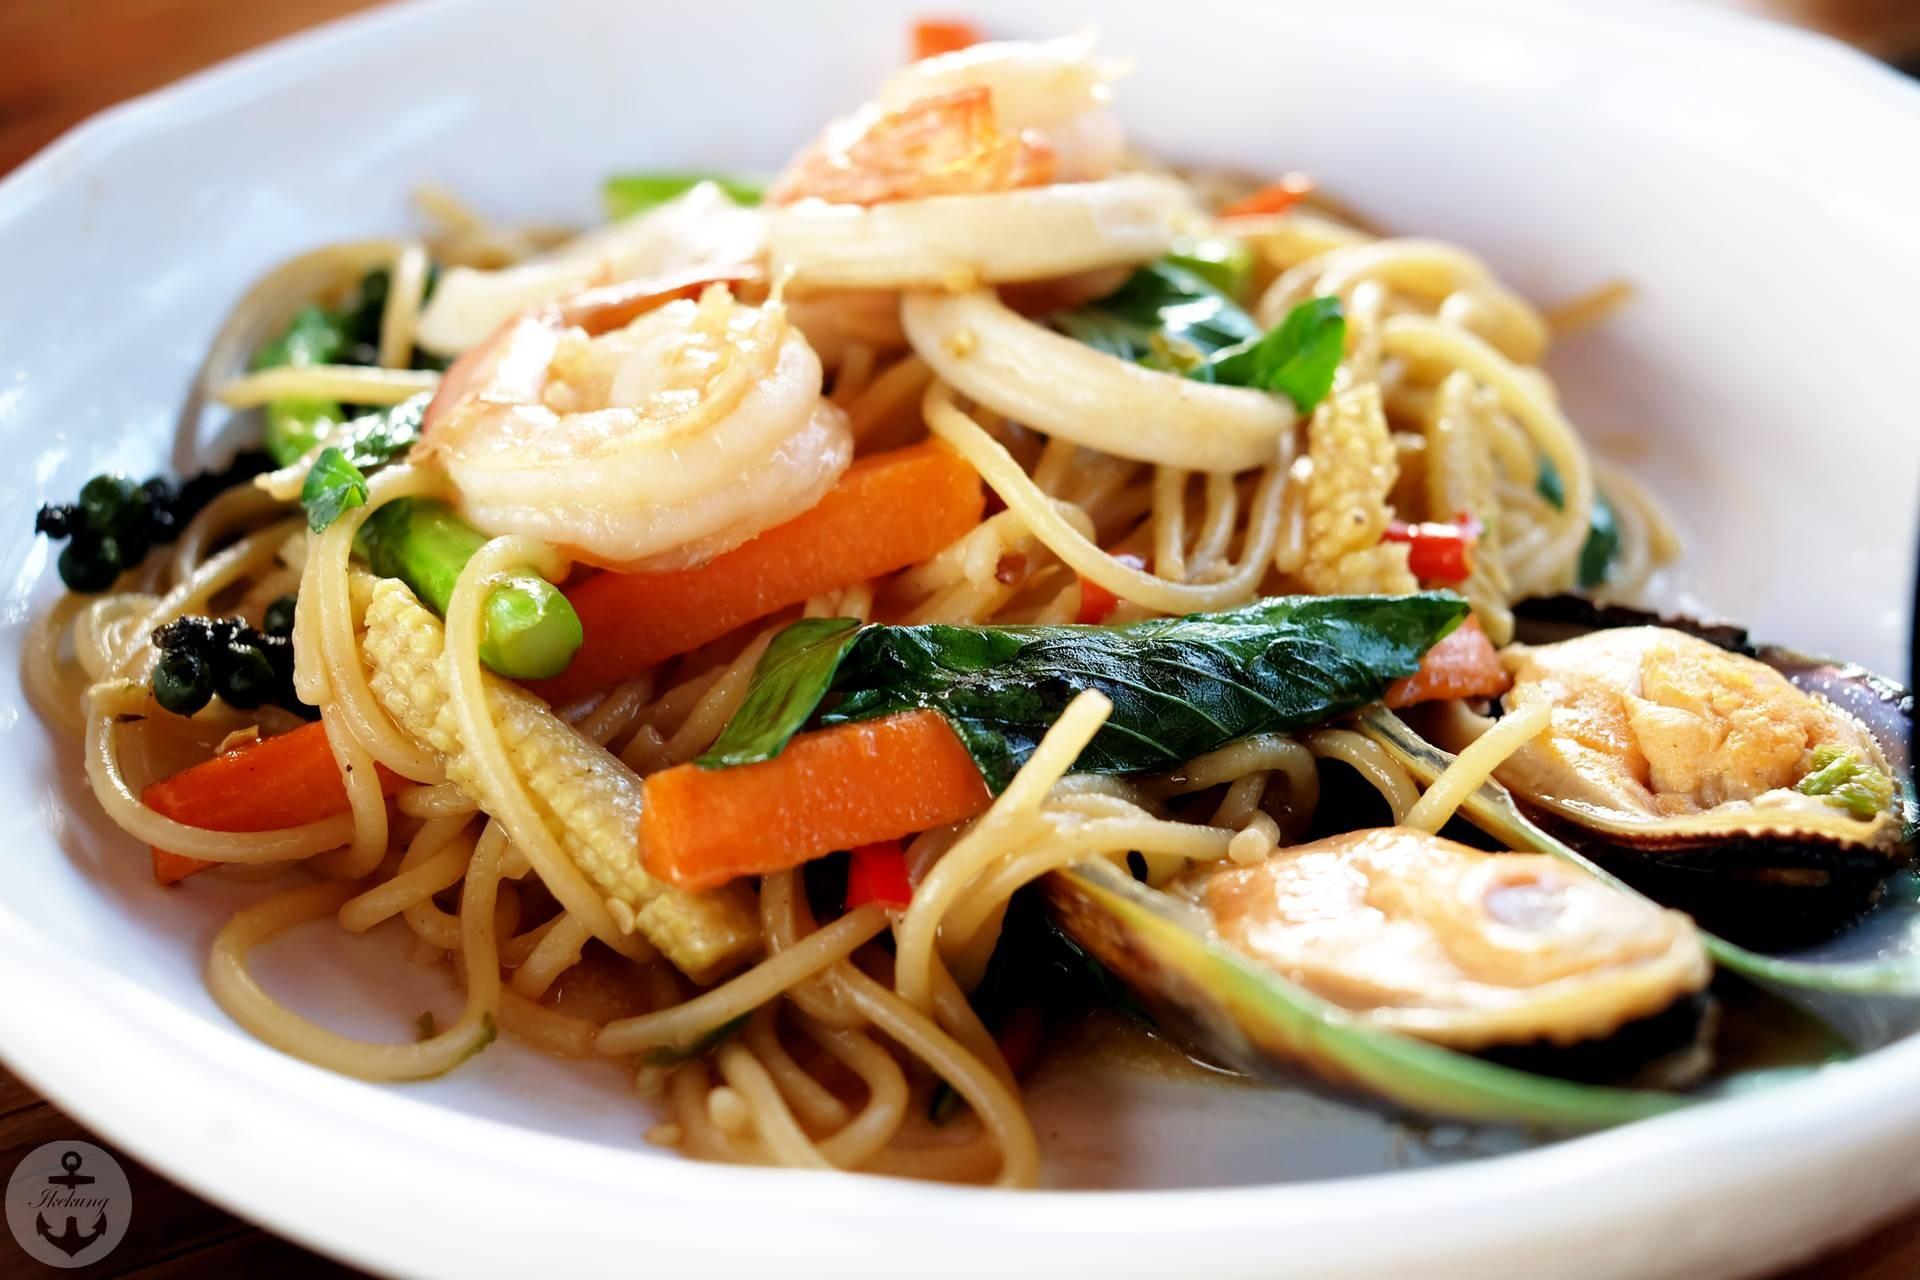 รสชาติดี ได้รสแบบไทยและเทศ !!